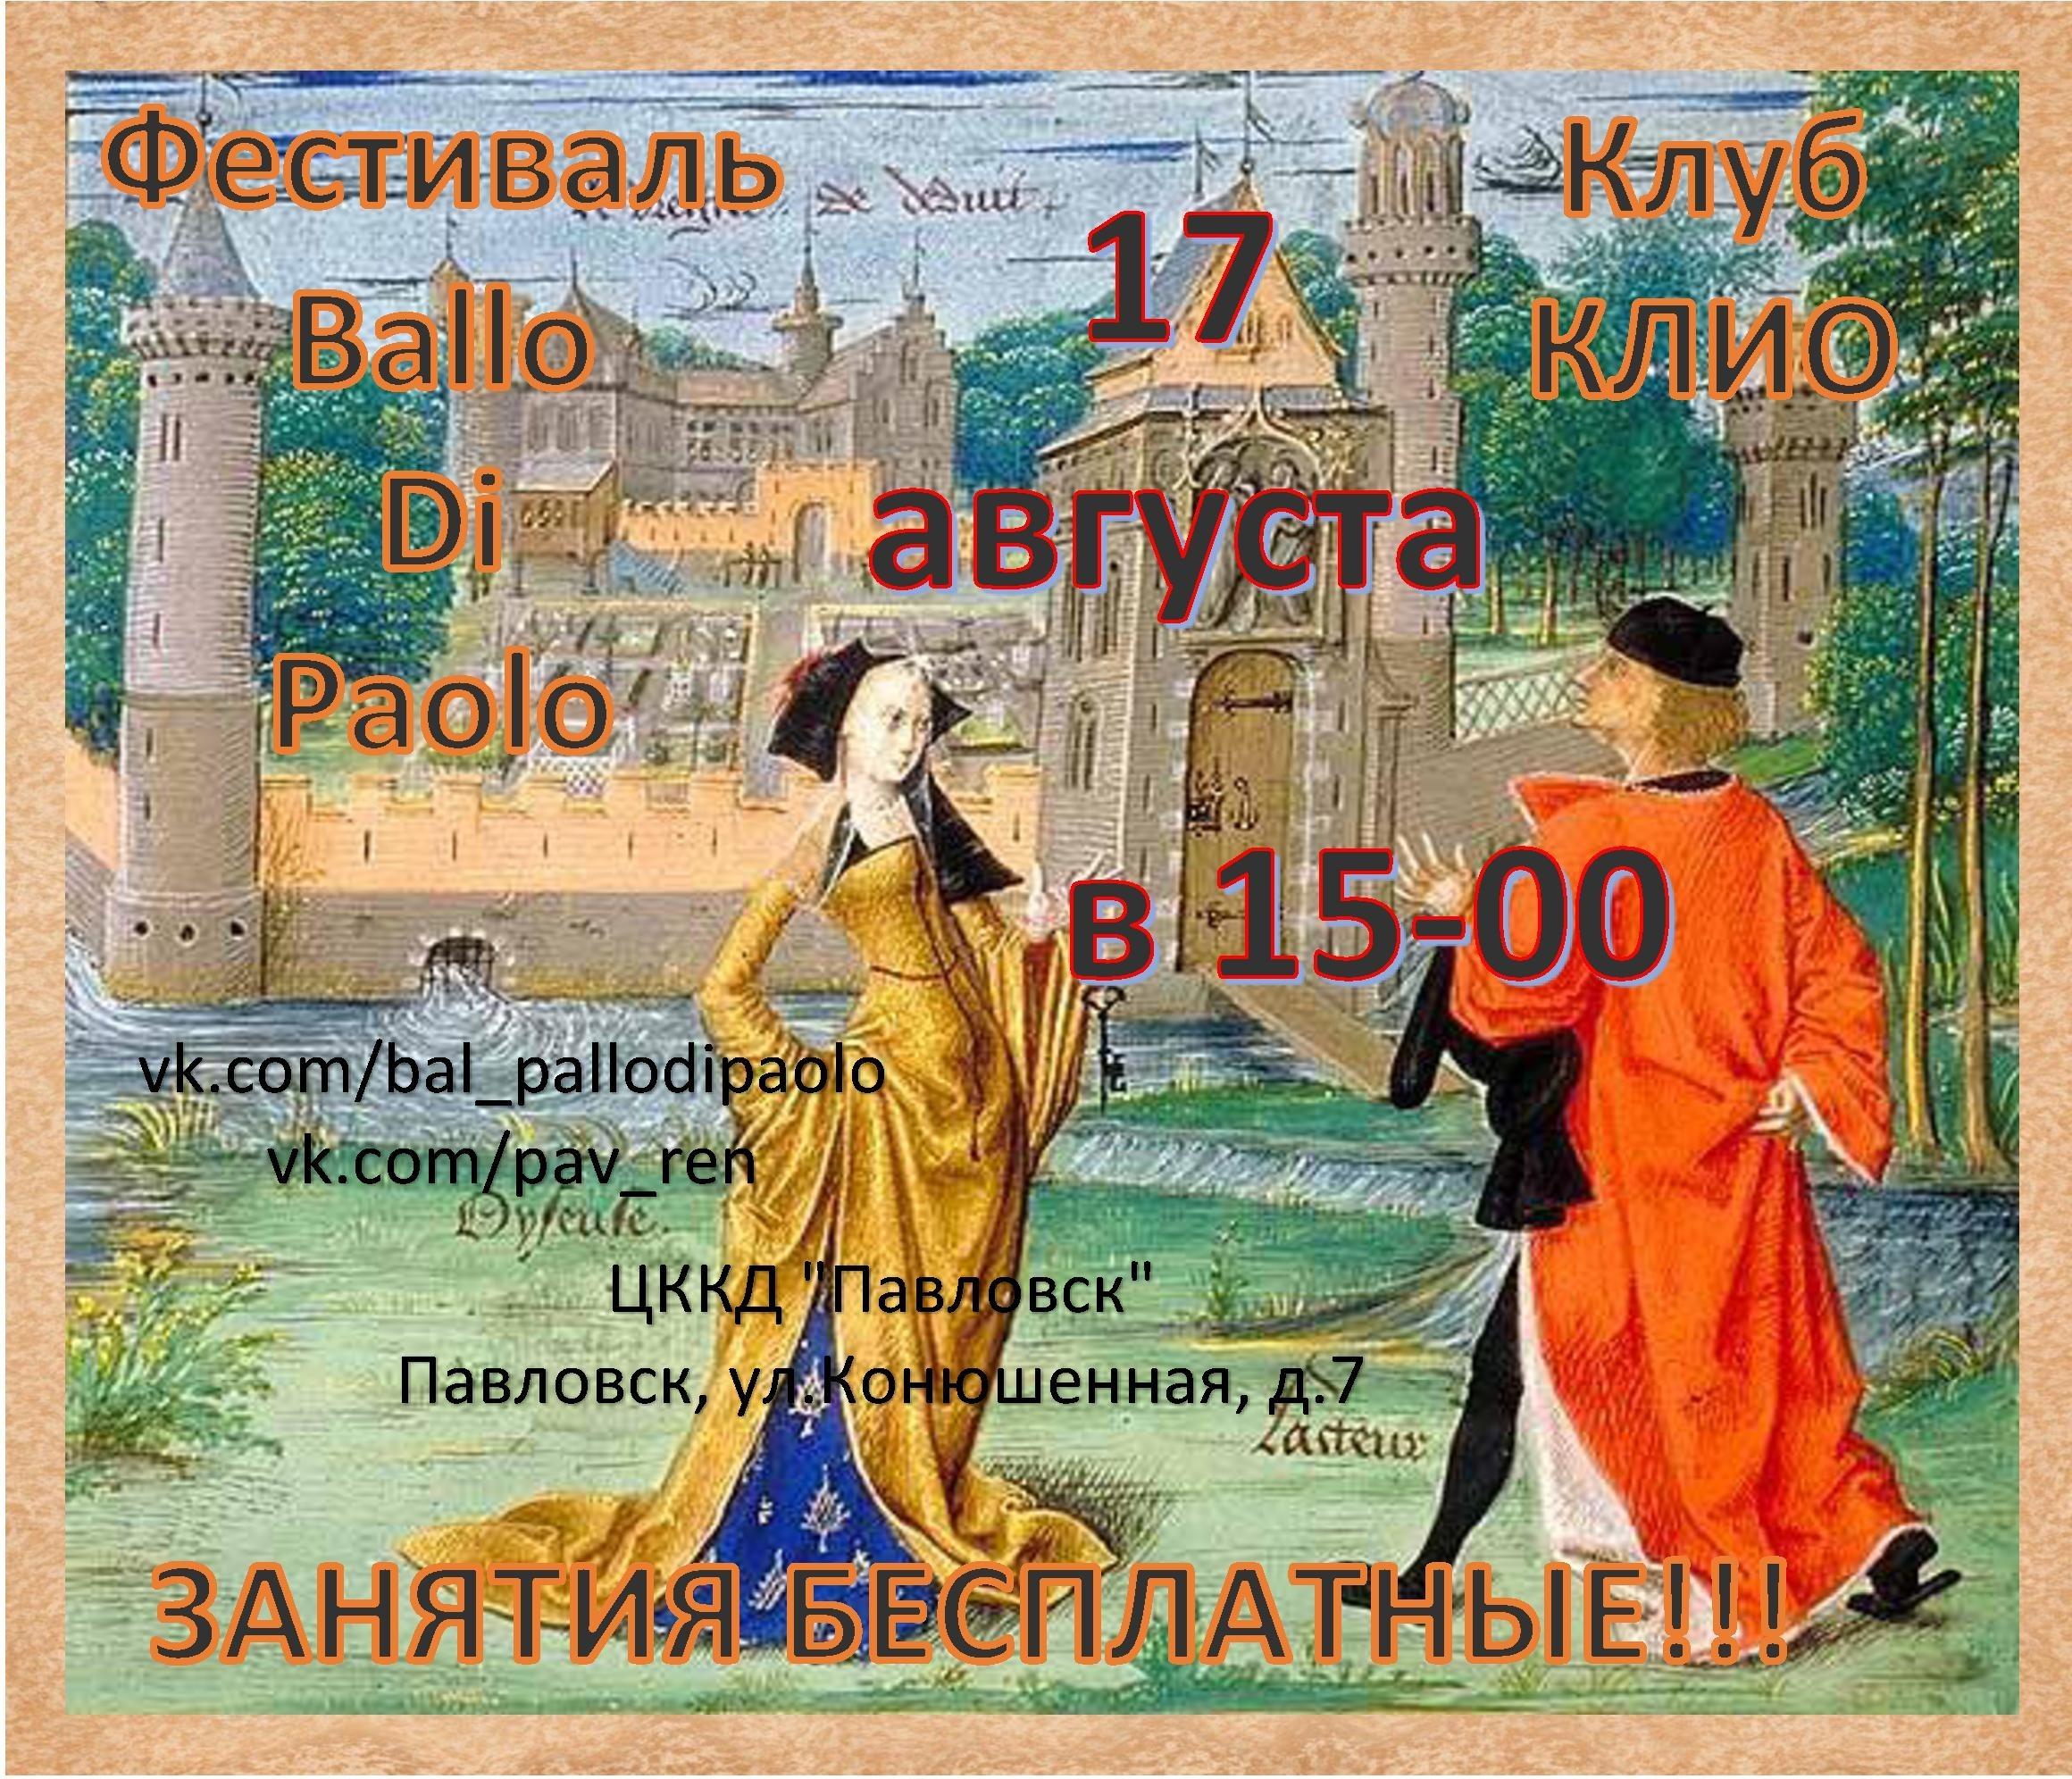 Любите таинственное средневековье, костюмы и танцы? Вам - к нам!